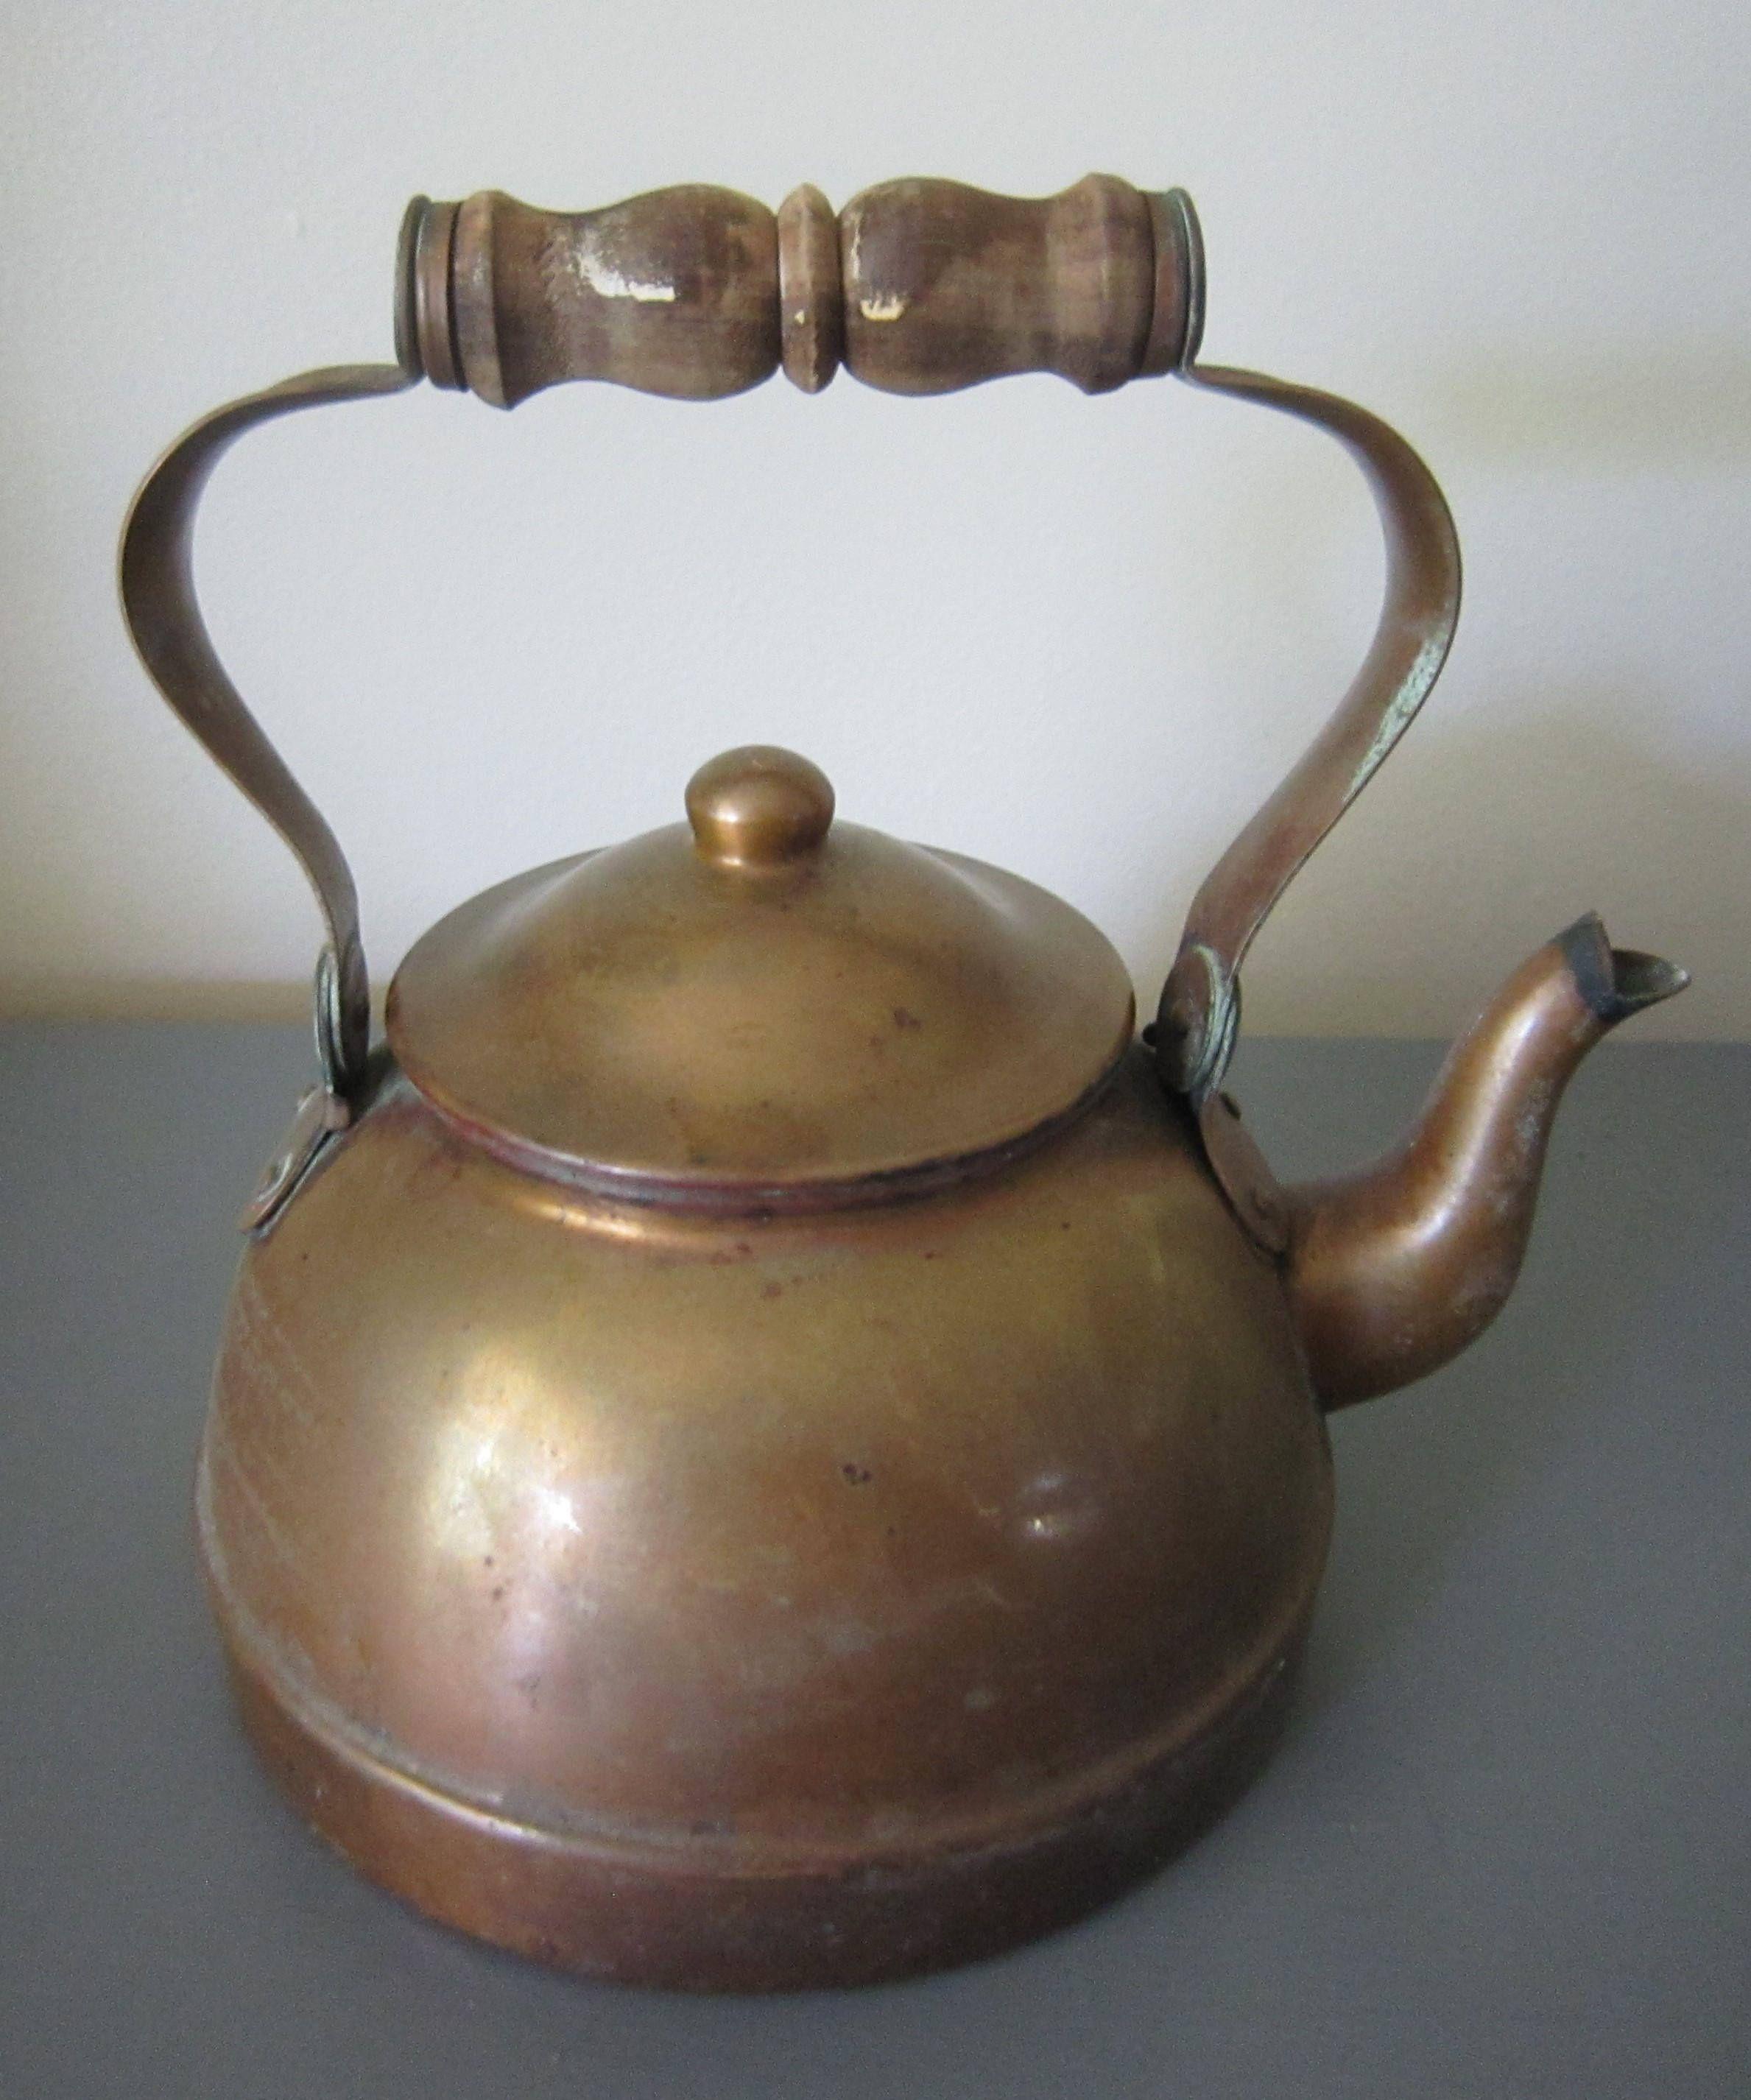 vintage copper tea pot copper tea kettle wood handle teapot with